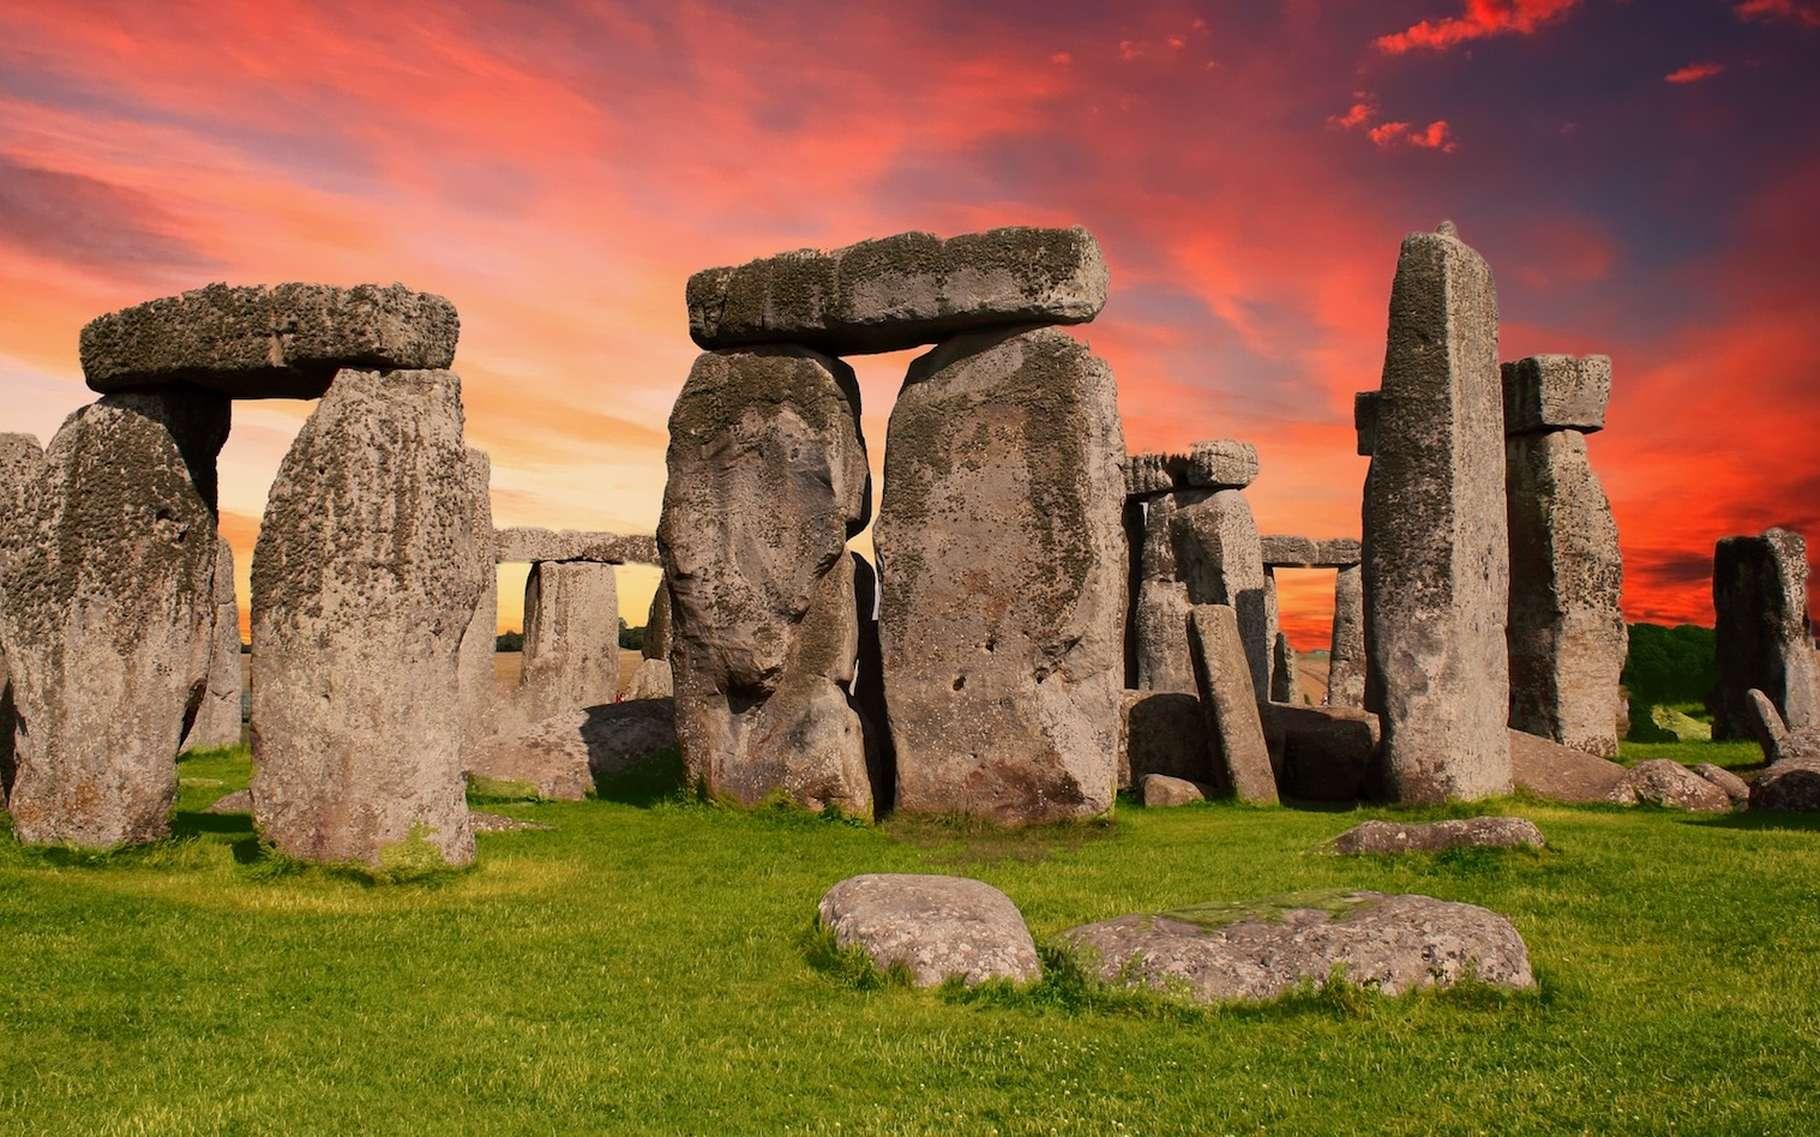 On trouve des dolmens et des menhirs un peu partout dans le monde, mais le site mégalithique le plus connu est sans doute celui de Stonehenge. © HypnoArt, Pixabay, CC0 Public Domain